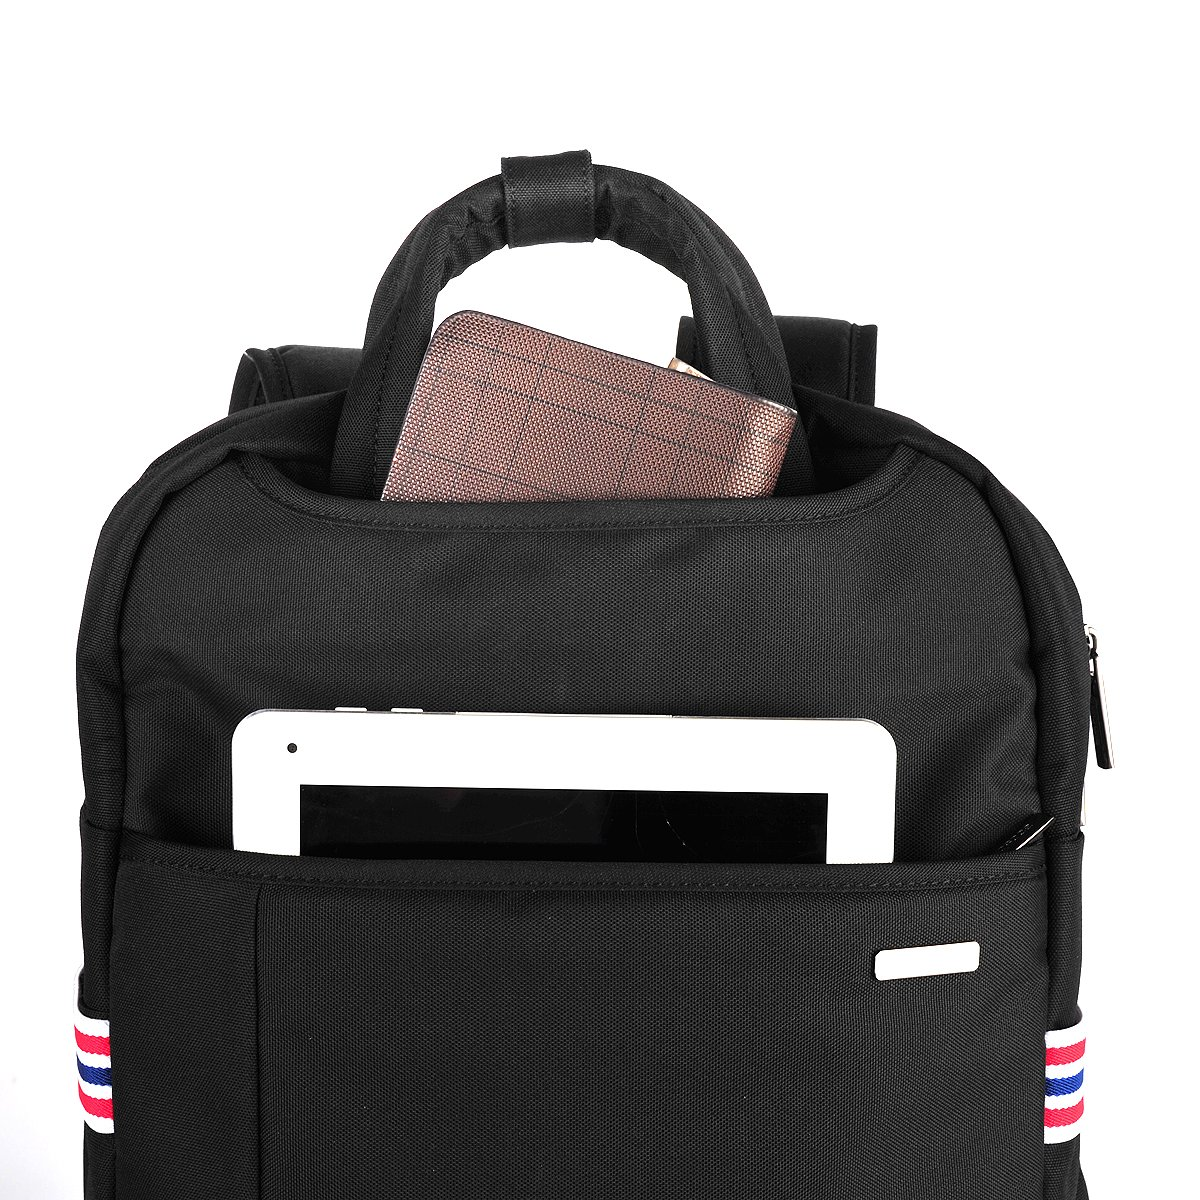 Laptop Backpack,Nylon Computer Bag,Travel Shoulder Bag,Carry Bag,Fits Under 15.6-Inch Laptop Notebook(Grey)